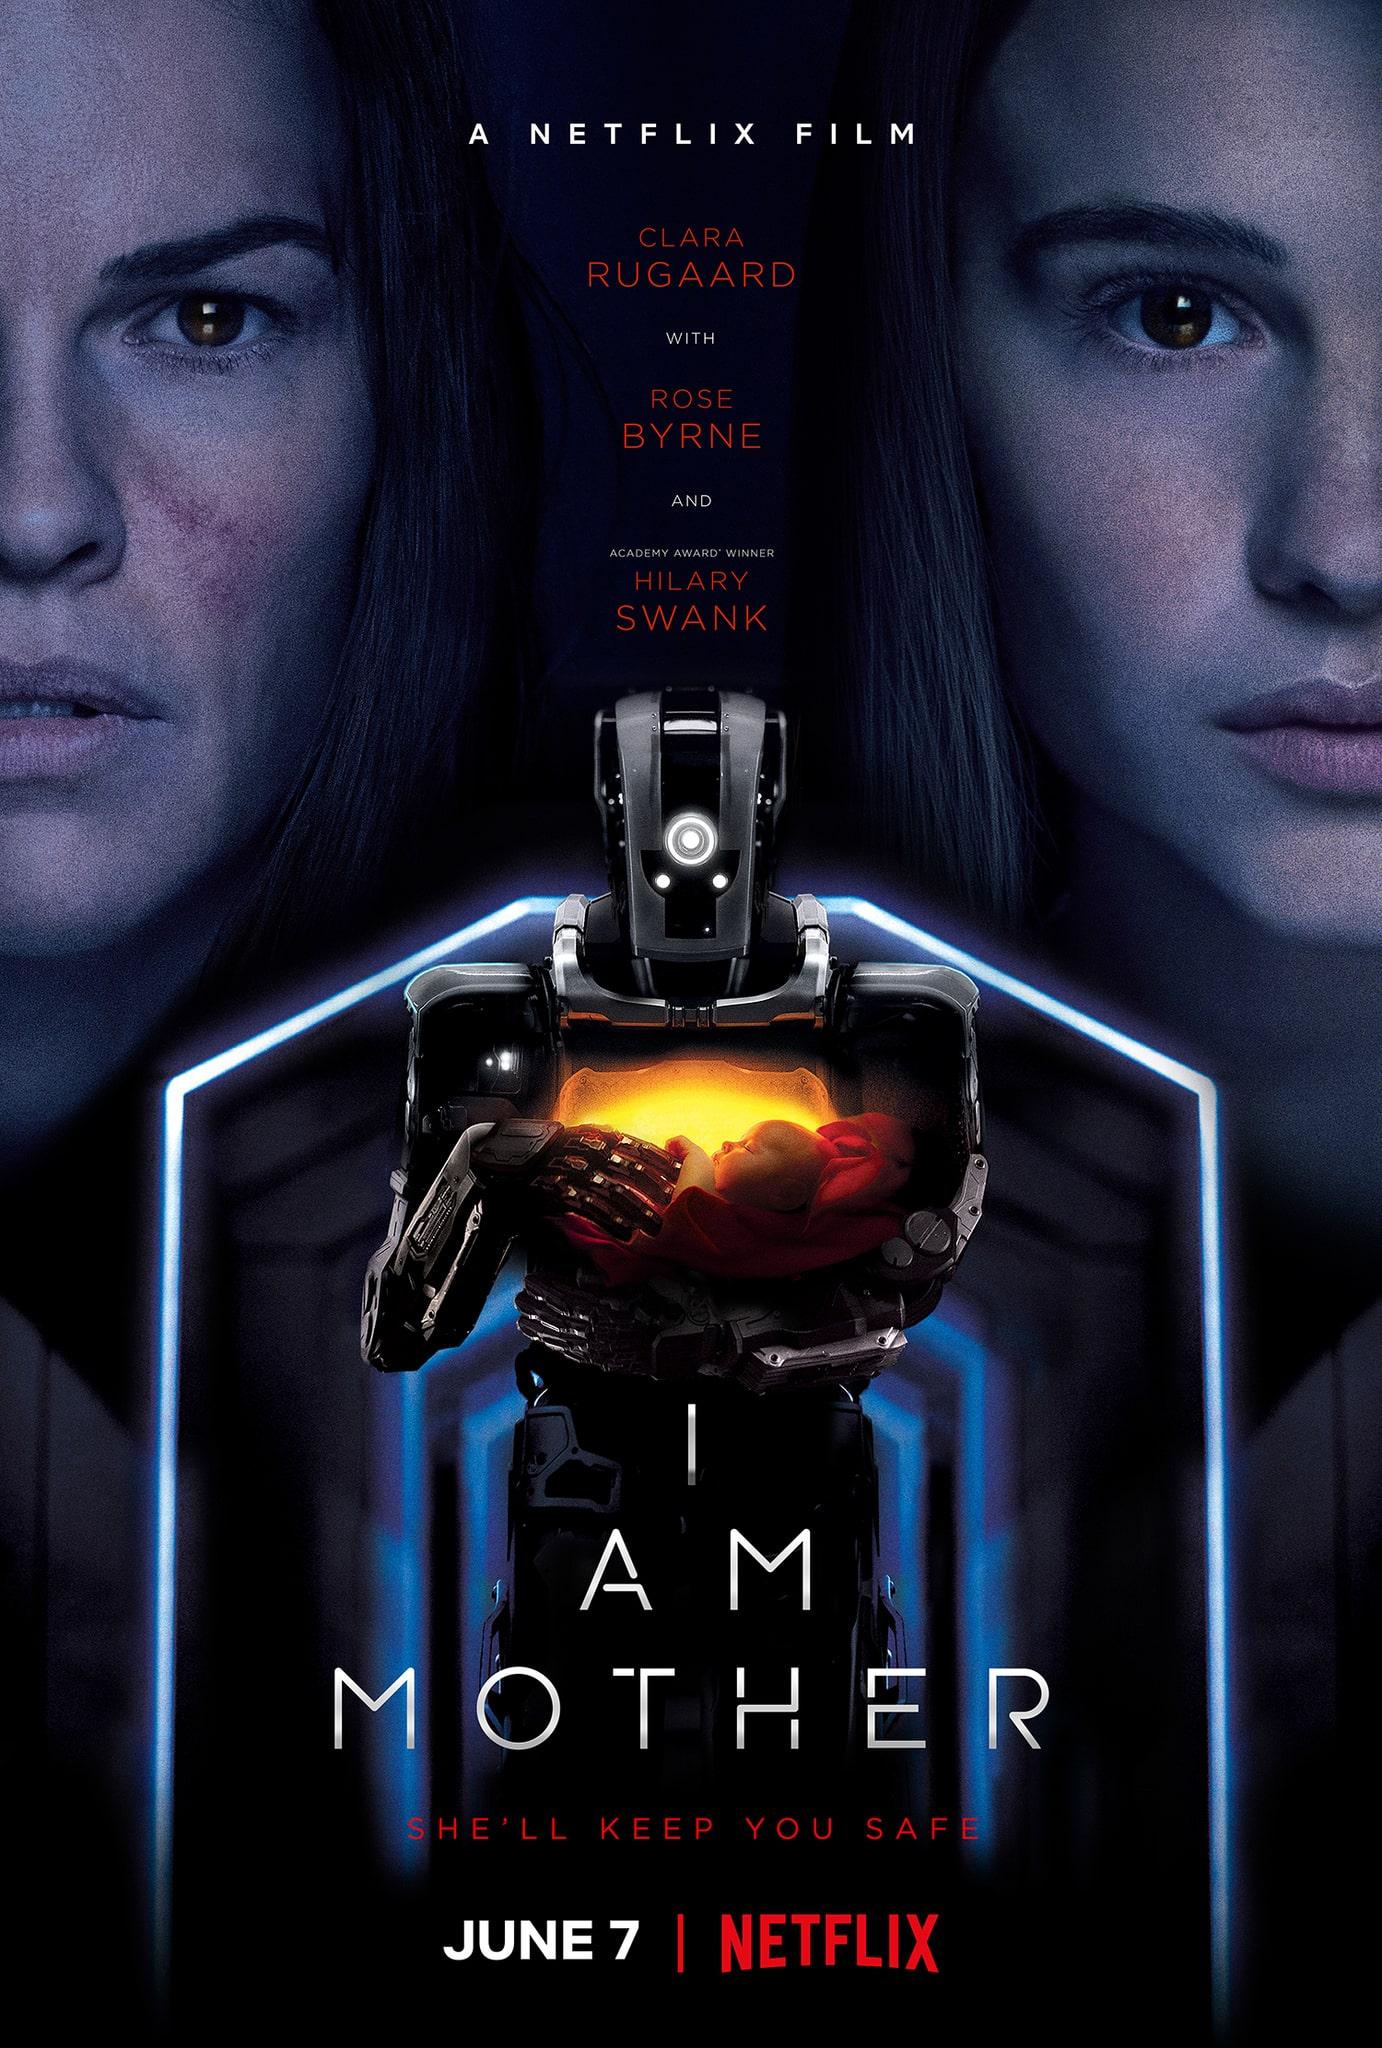 I Am Mother Роуз бирн, Фильмы, Роботы